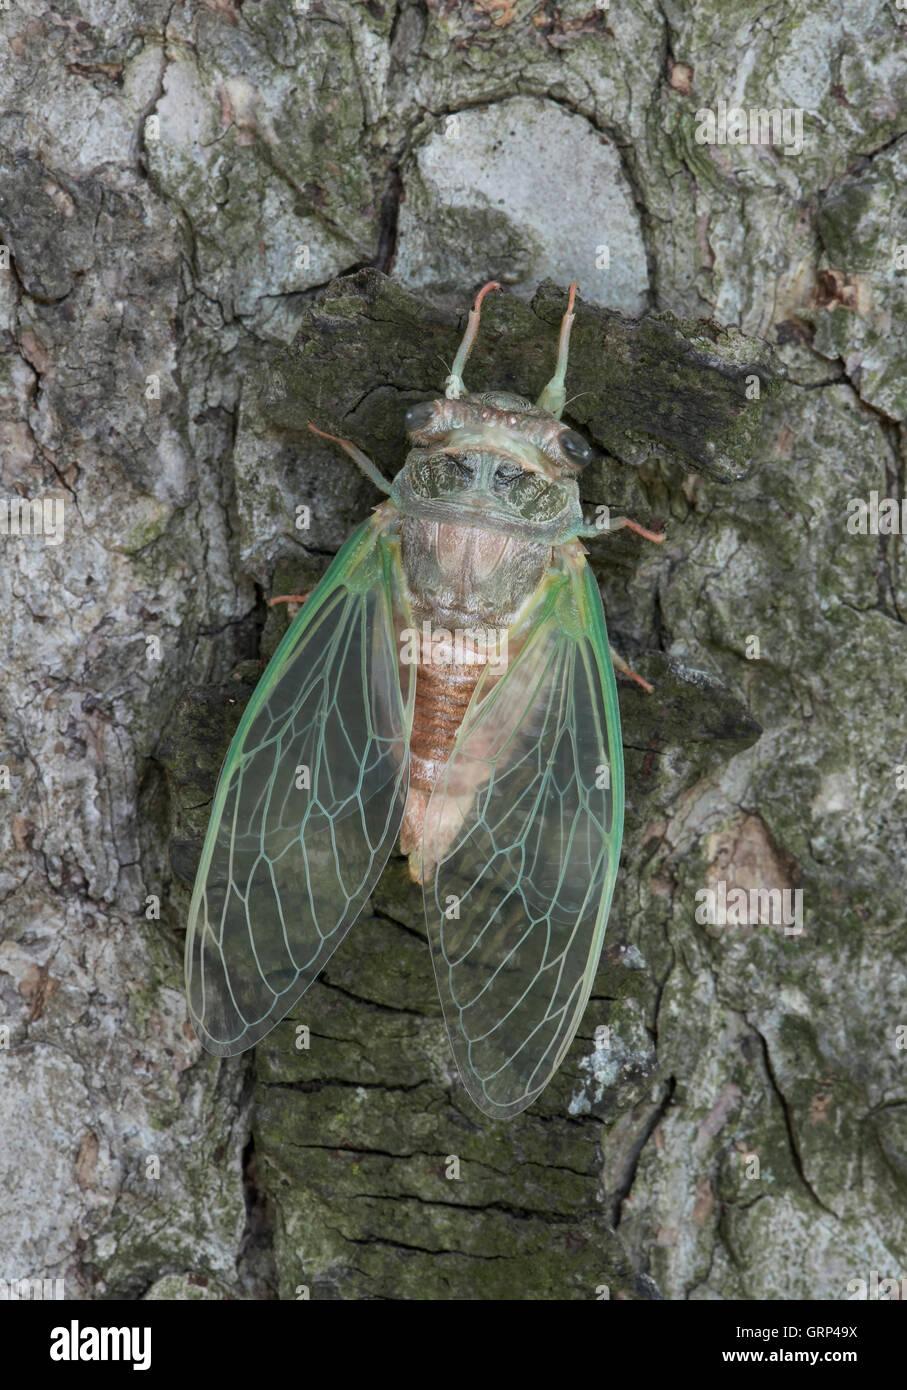 Cicada adulta Dogday Harvestfly (Tibicen canicularis) saliendo de la piel ninfal Este de los EE.UU. Imagen De Stock